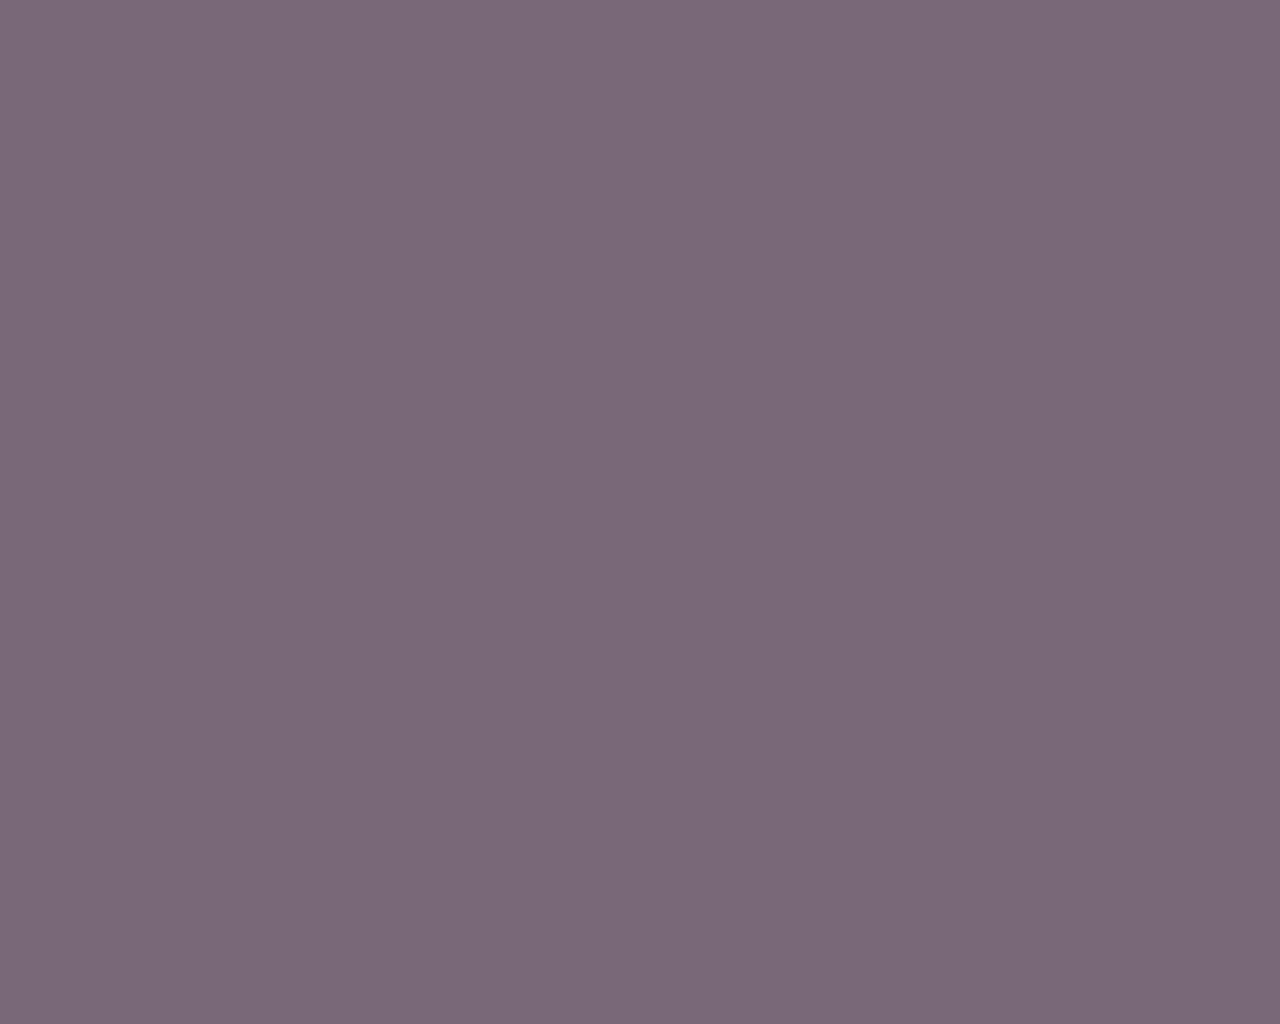 1280x1024 Old Lavender Solid Color Background